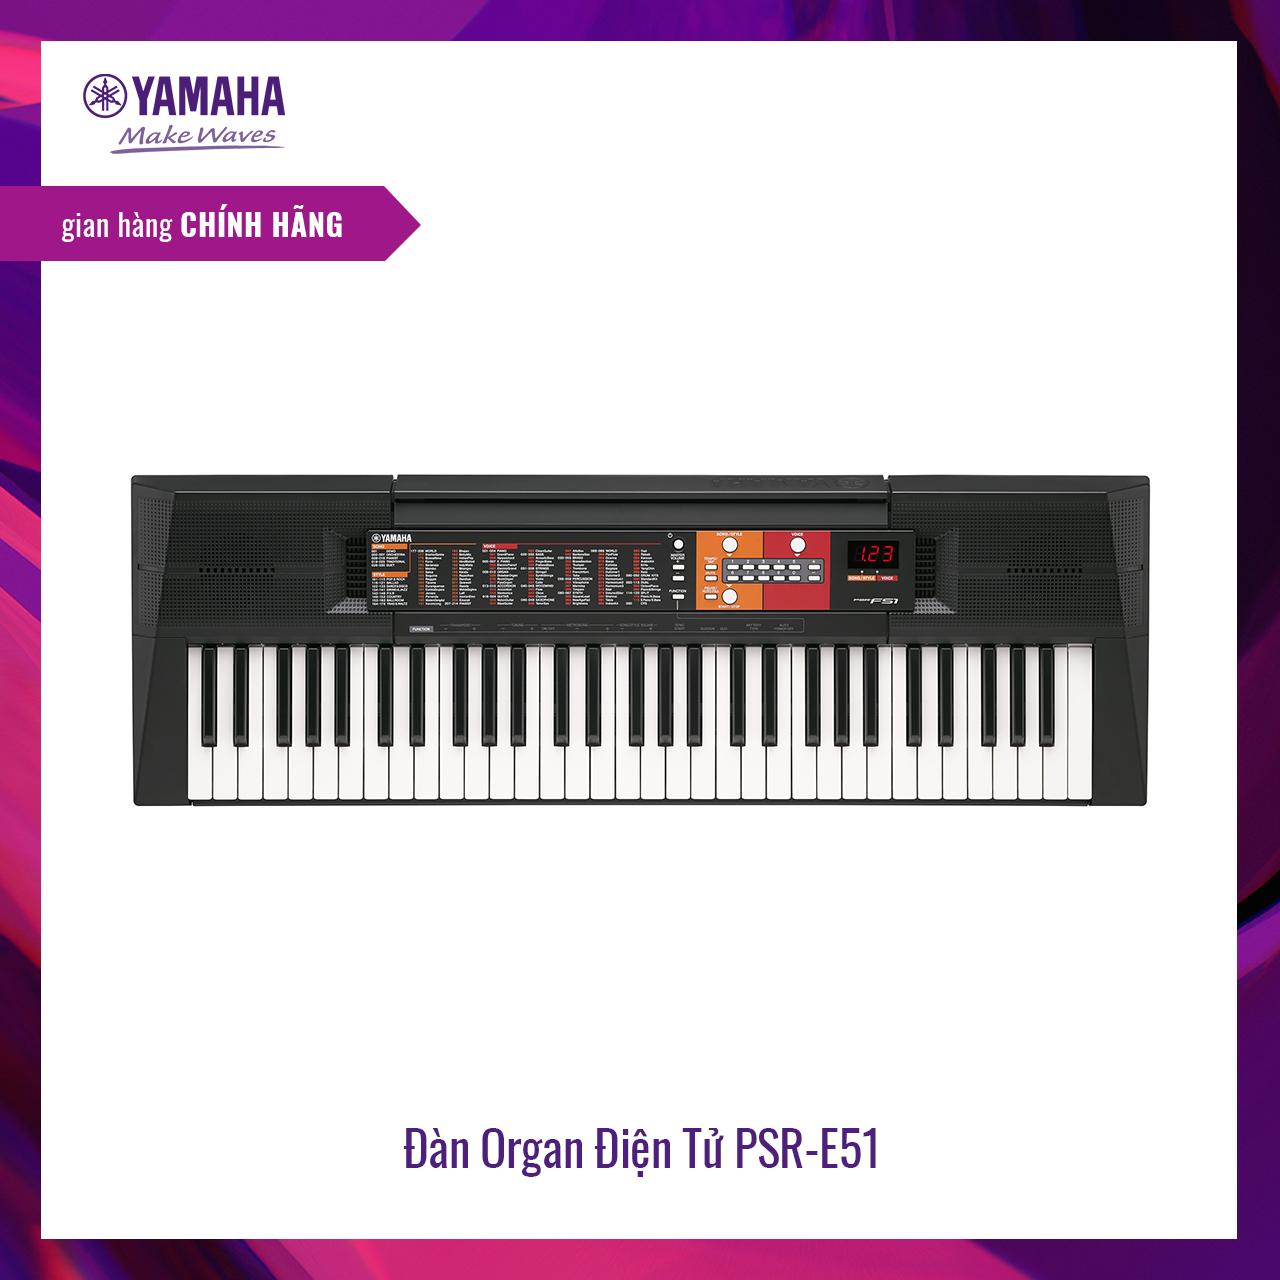 Đàn organ (keyboard) điện tử Yamaha PSR-F51 – Dòng đàn keyboard tiêu chuẩn dành cho những người mới bắt đầu,120 hệ âm sắc, 114 nhịp điệu, tích hợp Bộ gõ nhịp Metronome – Bảo hành chính hãng 12 tháng